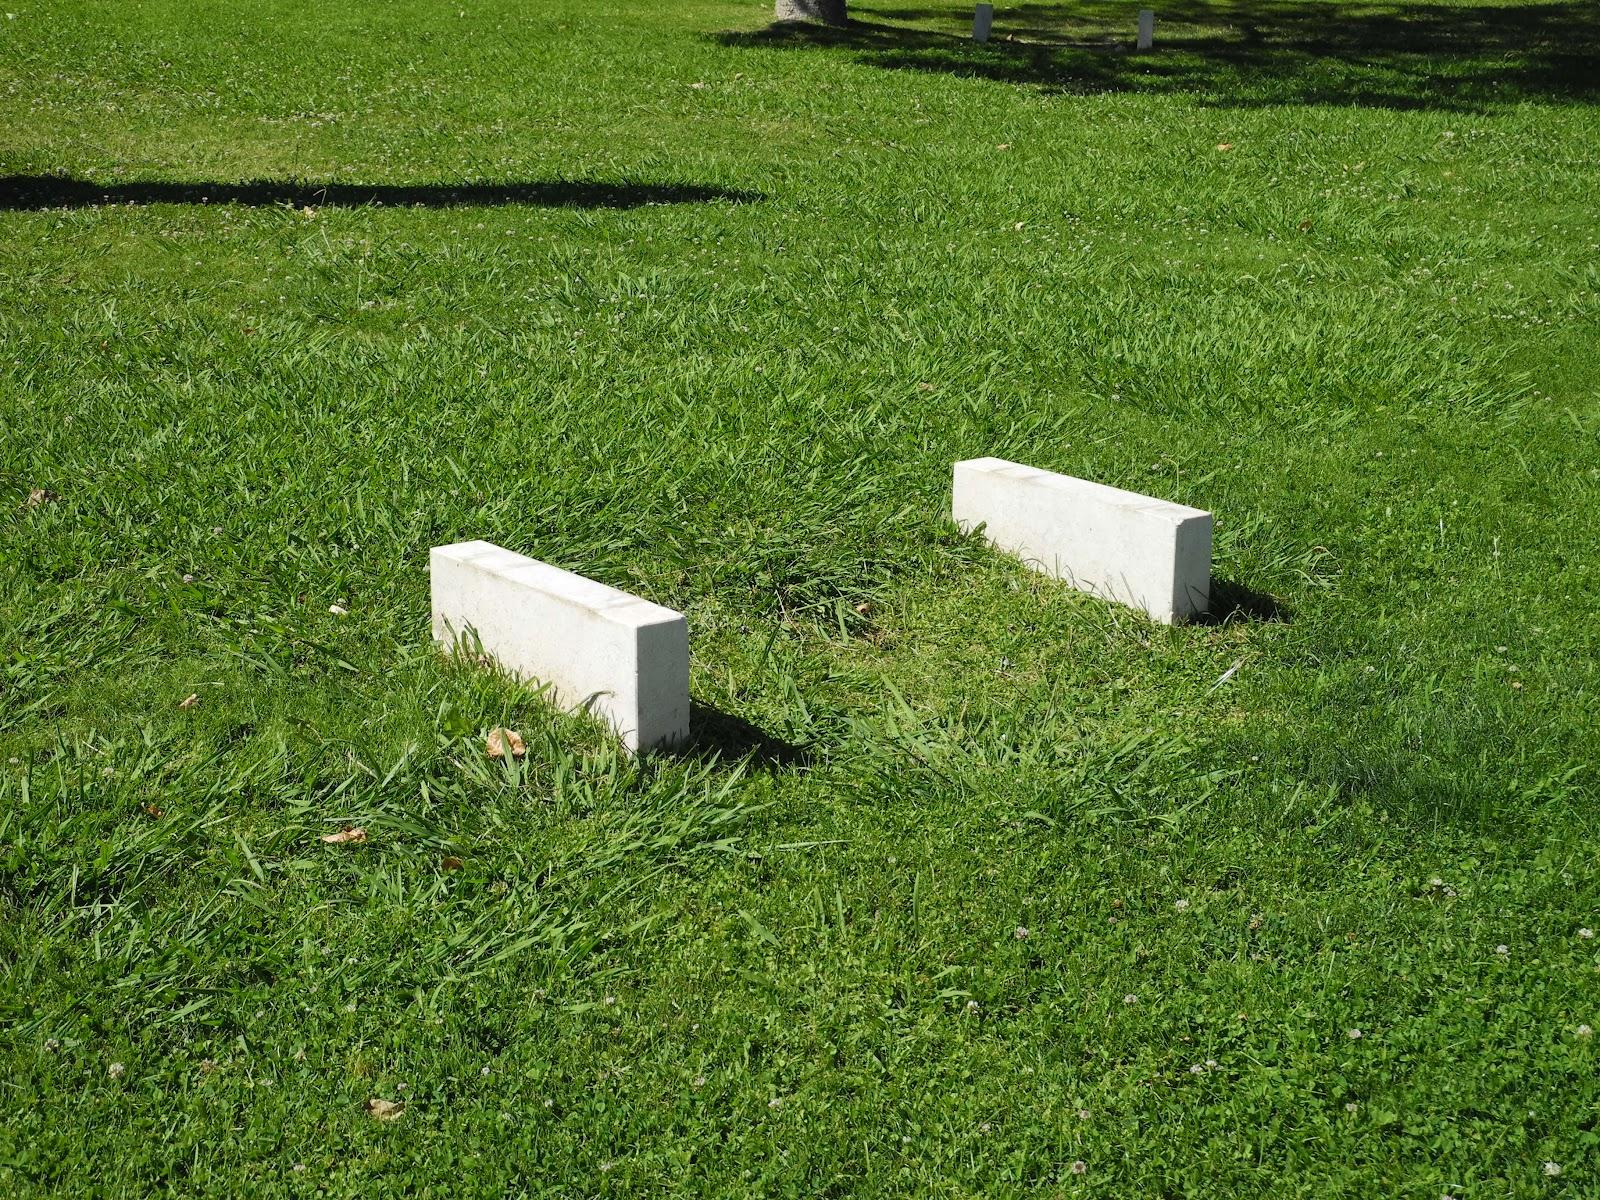 banco de jardim lisboa : banco de jardim lisboa:assentos, os vários bancos de pedra na Praça de Londres, no jardim